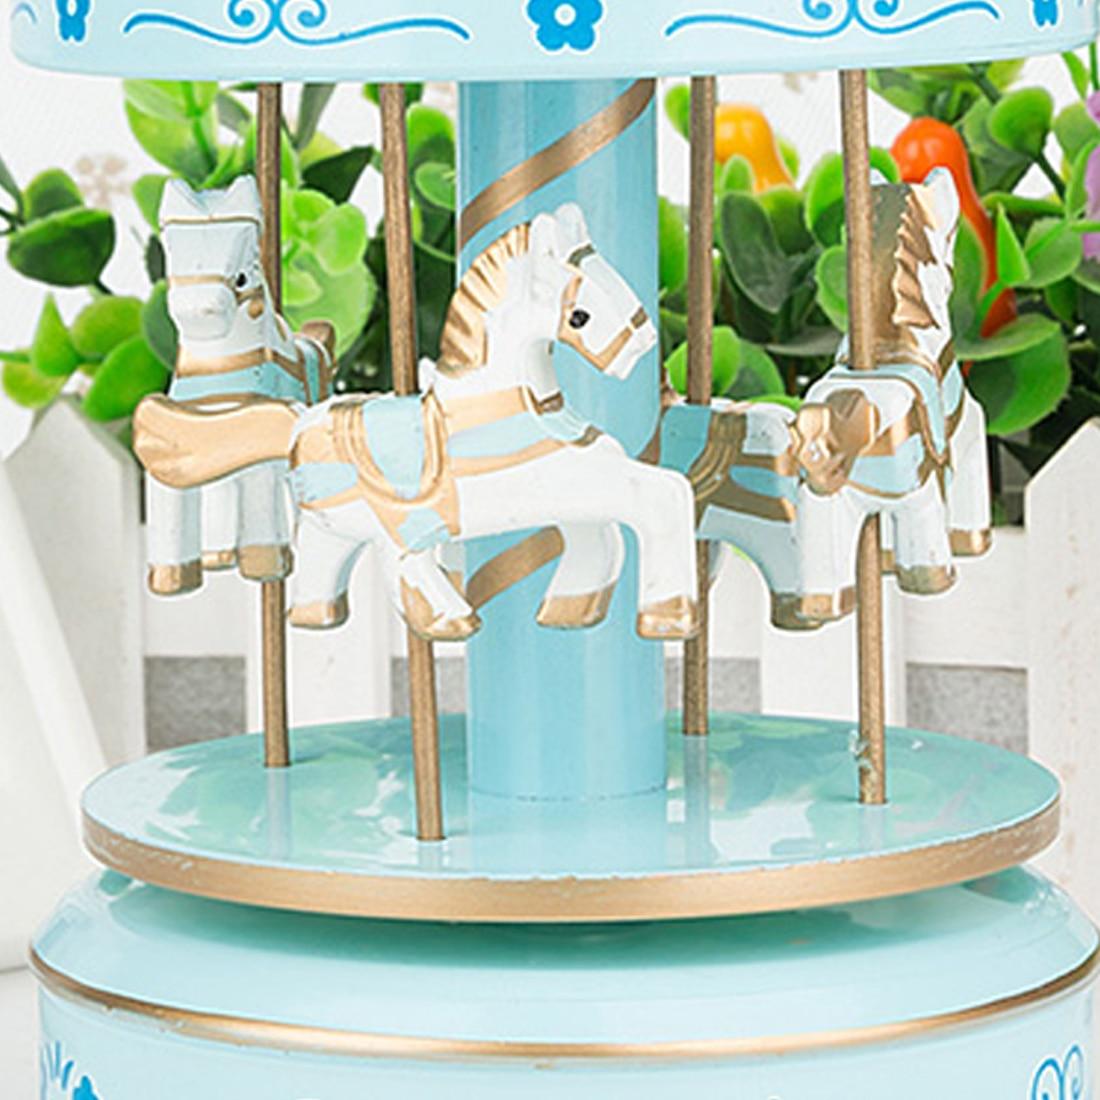 Карусель музыкальная карусель лошадь деревянная карусель музыкальная шкатулка игрушка ребенок игра домашнего декора Рождества Свадебные ...